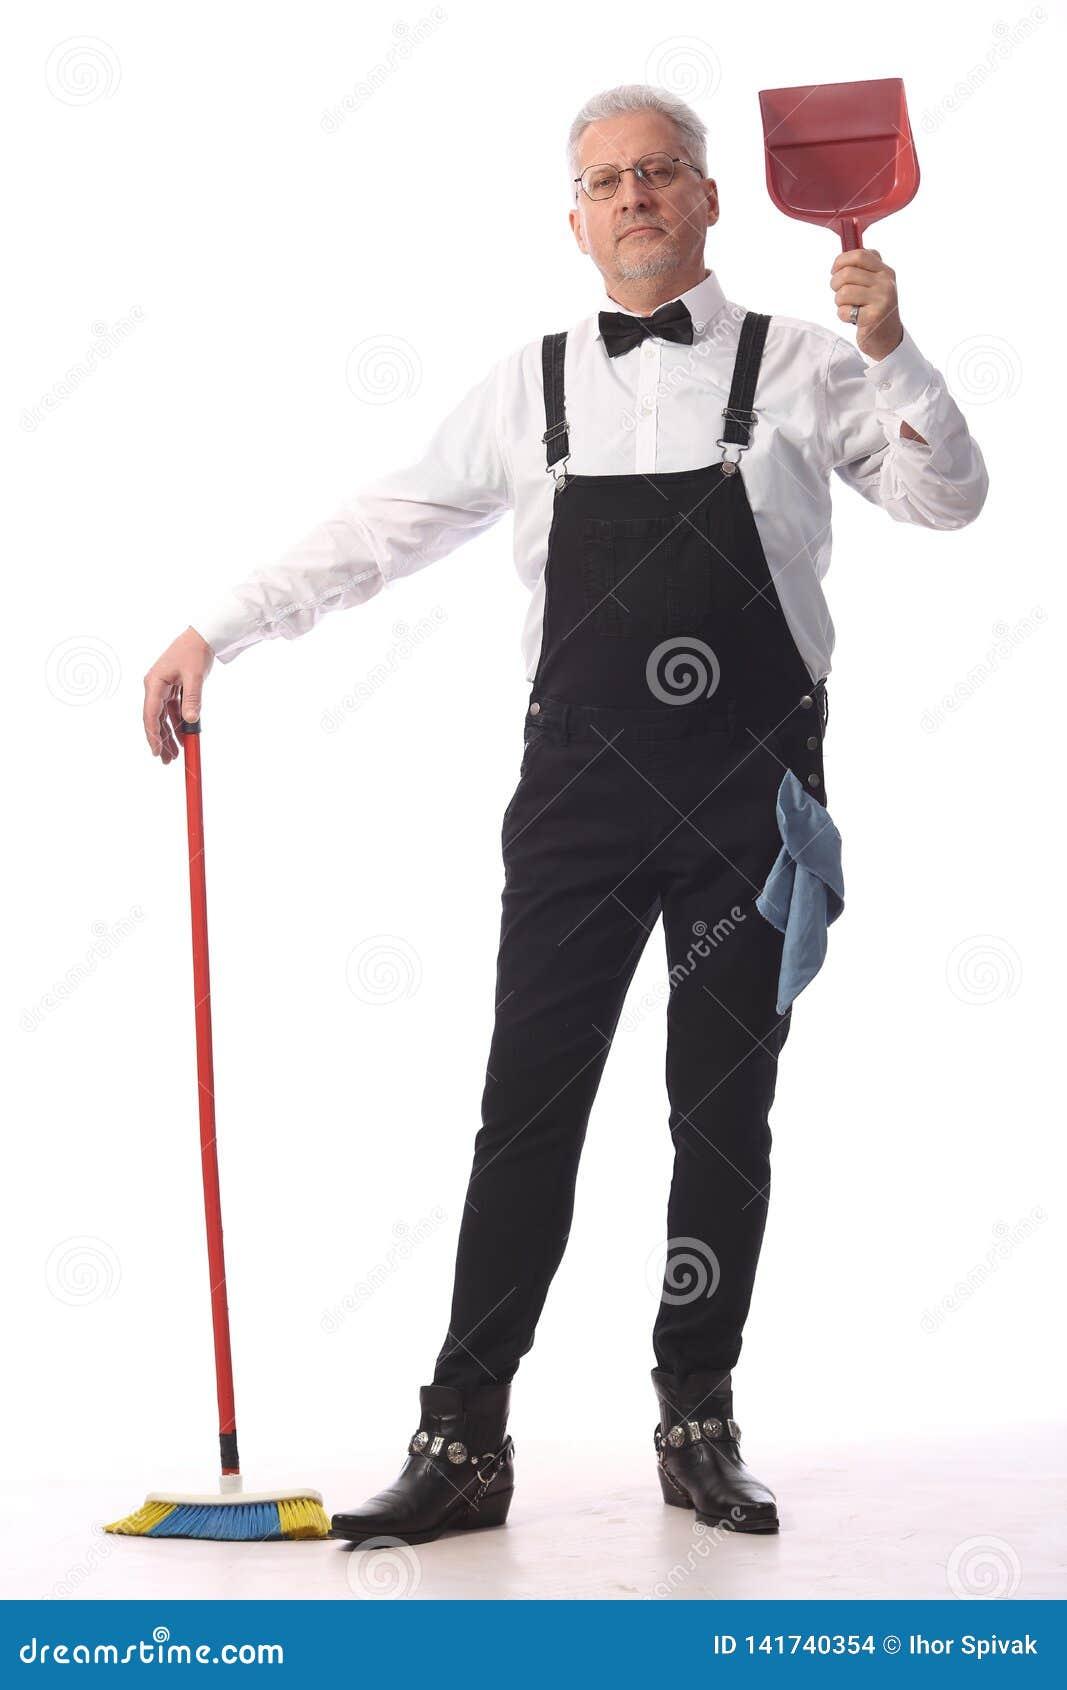 De grijs-haired reinigingsmachine, de portier in een zwarte jumpsuit met een zwabber en het blik verlenen de schoonmakende dienst